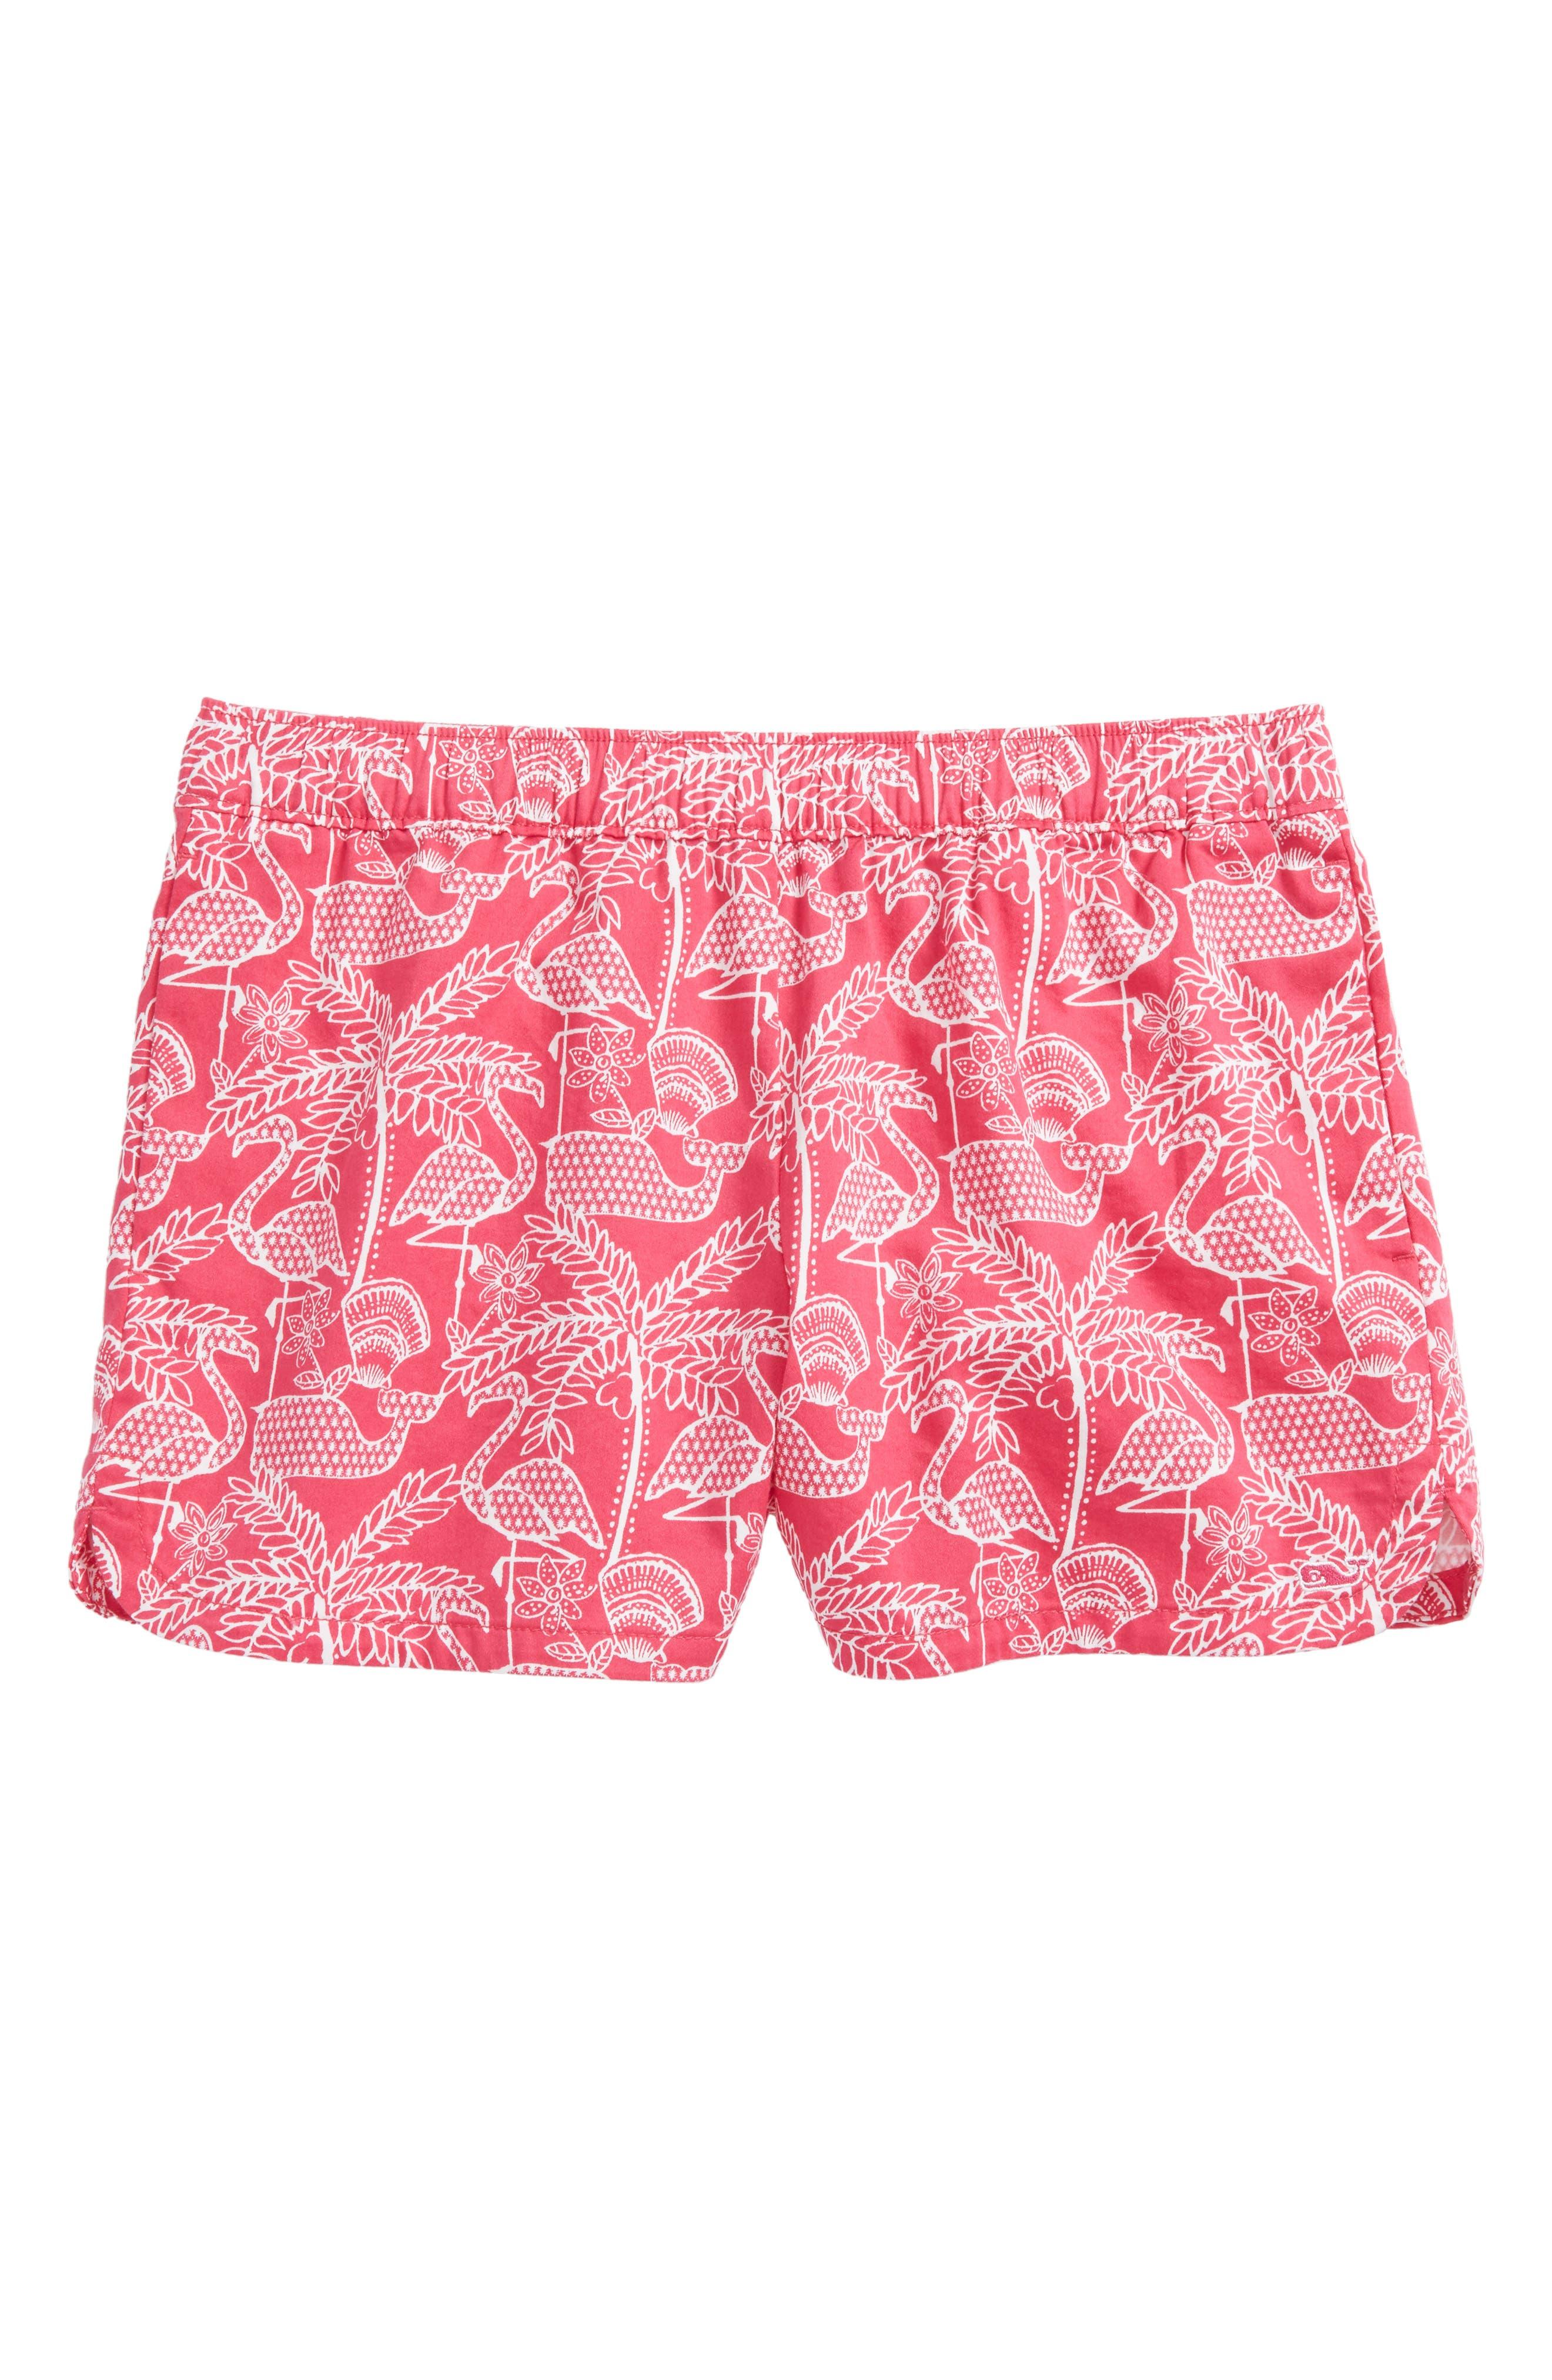 Flamingo Print Shorts,                             Main thumbnail 1, color,                             Rhododendron